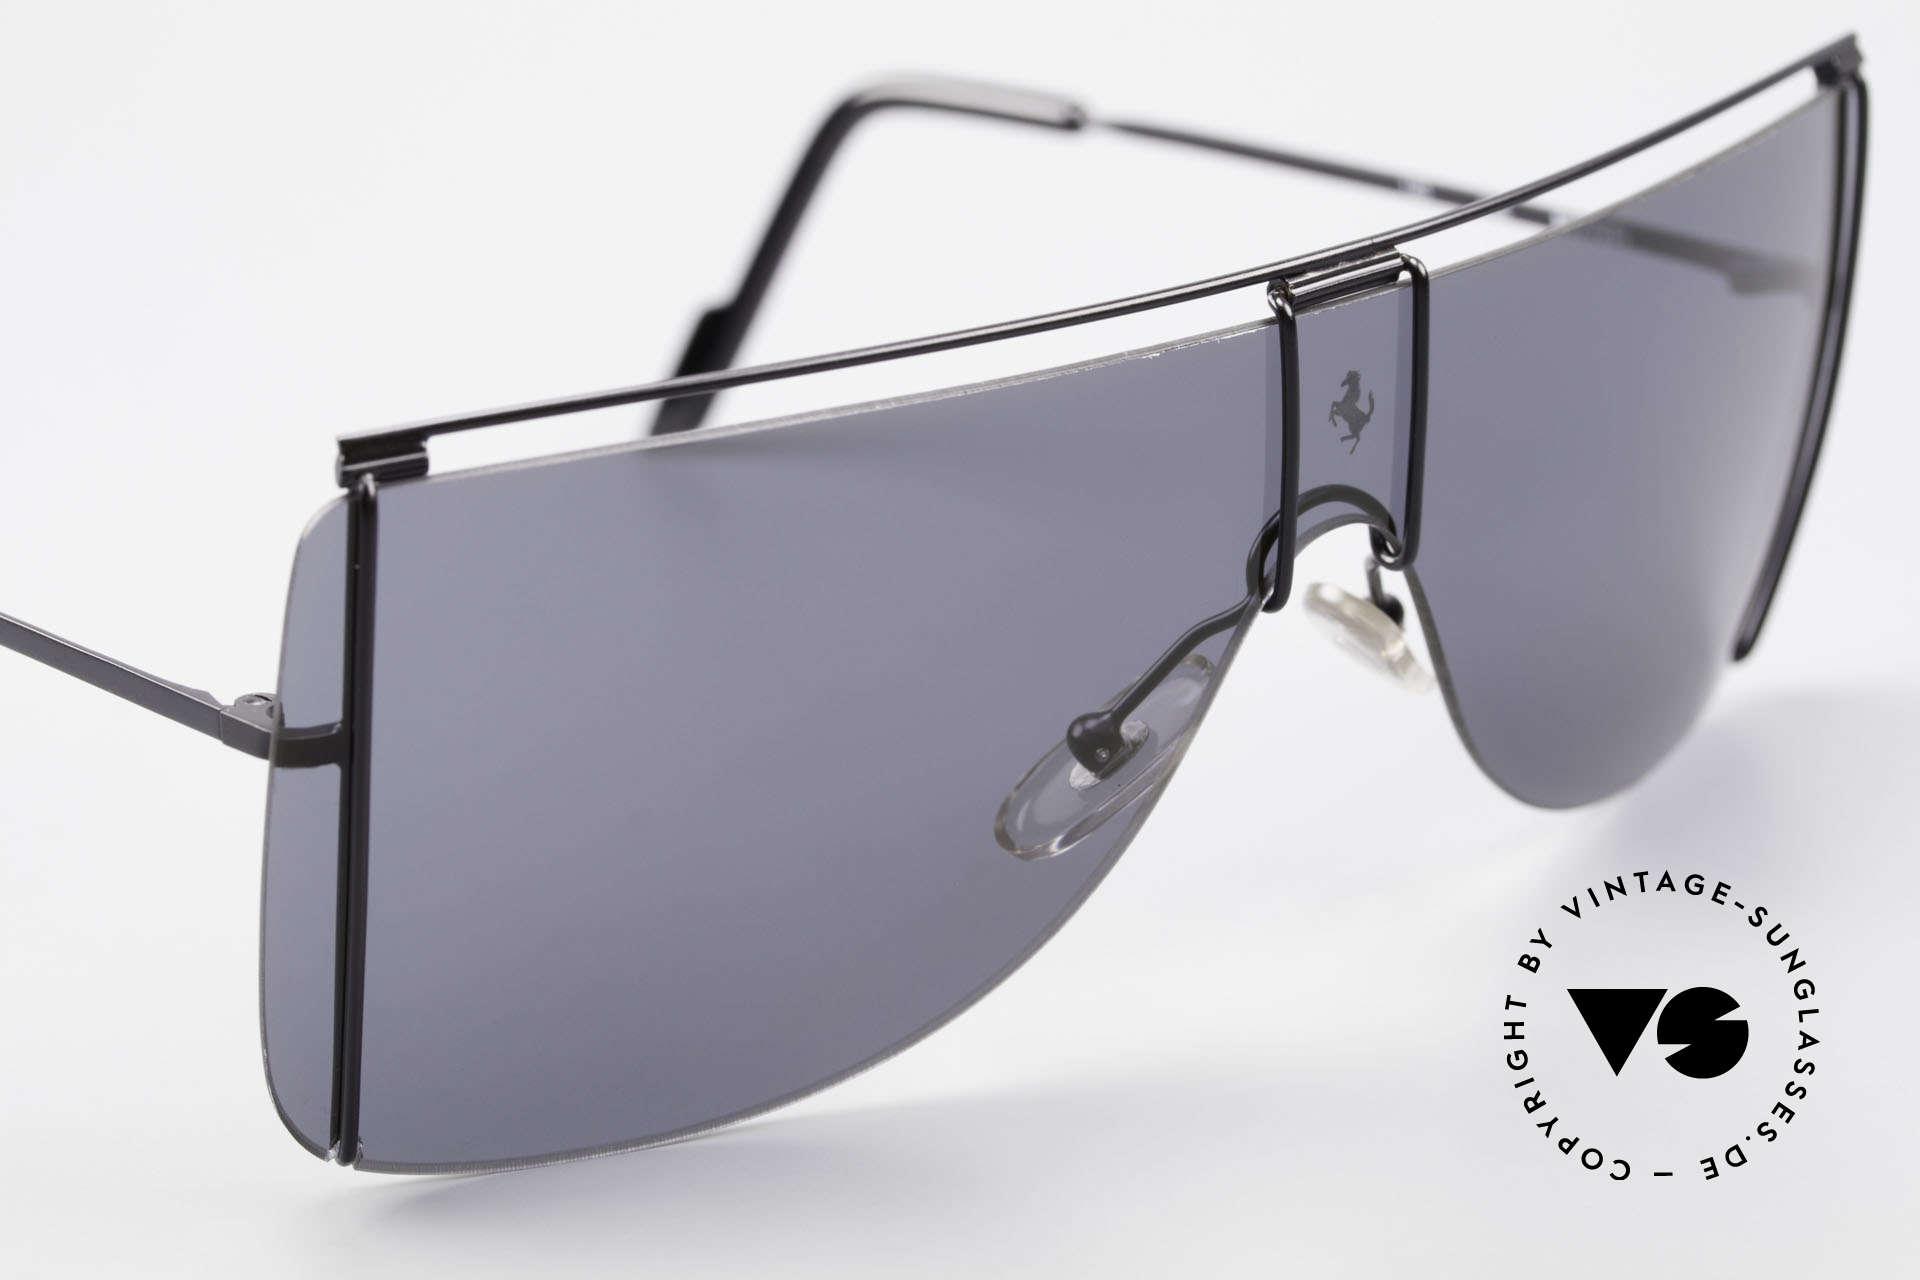 Ferrari F20/S Luxus Sonnenbrille Kylie Jenner, ungetragen (wie alle unsere Ferrari Brillen), Passend für Herren und Damen